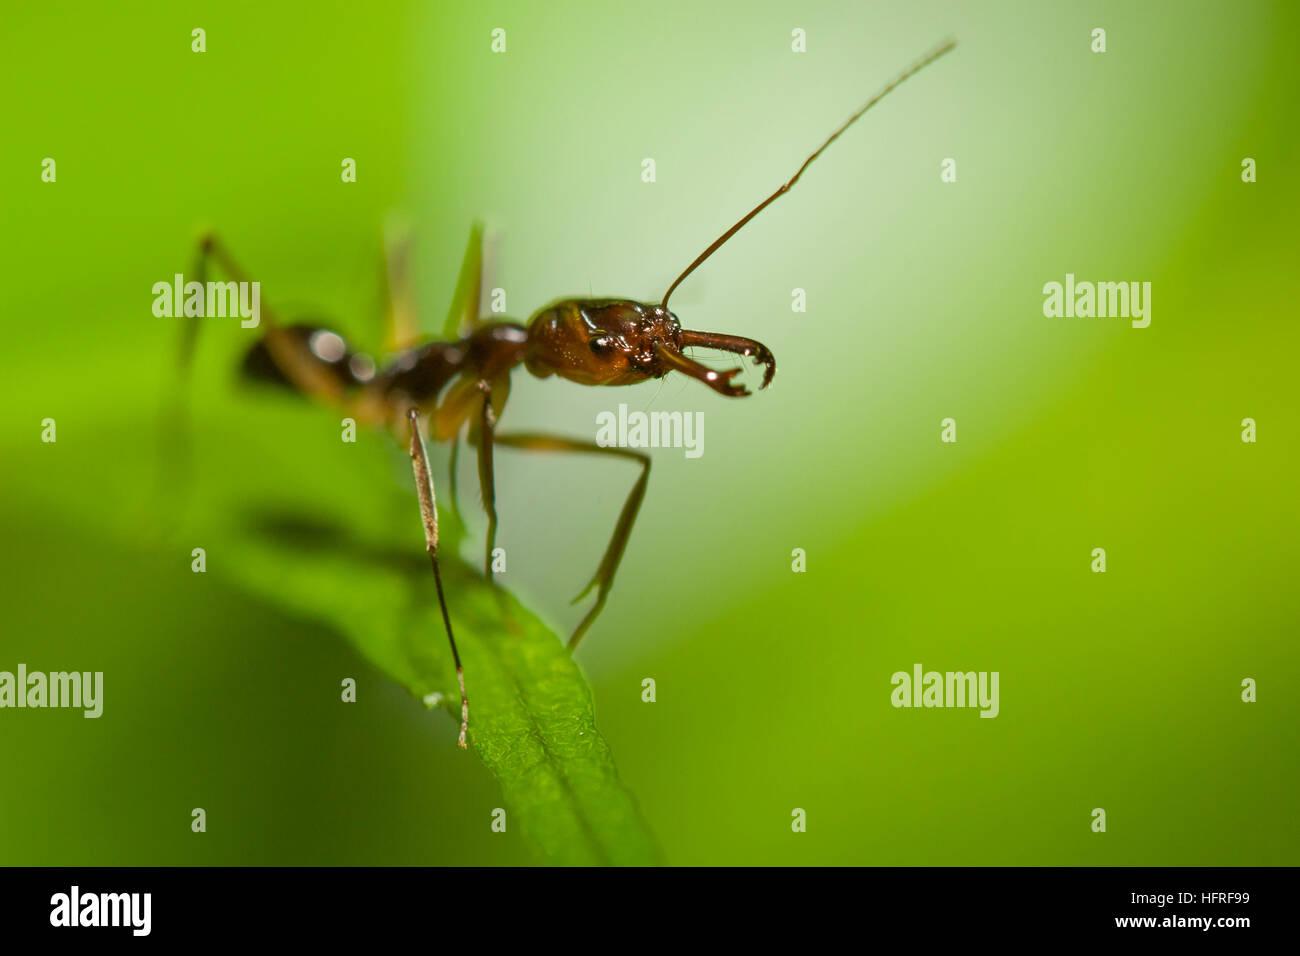 Un piège à mâchoires (fourmi Odontomachus sp.). Photo Stock